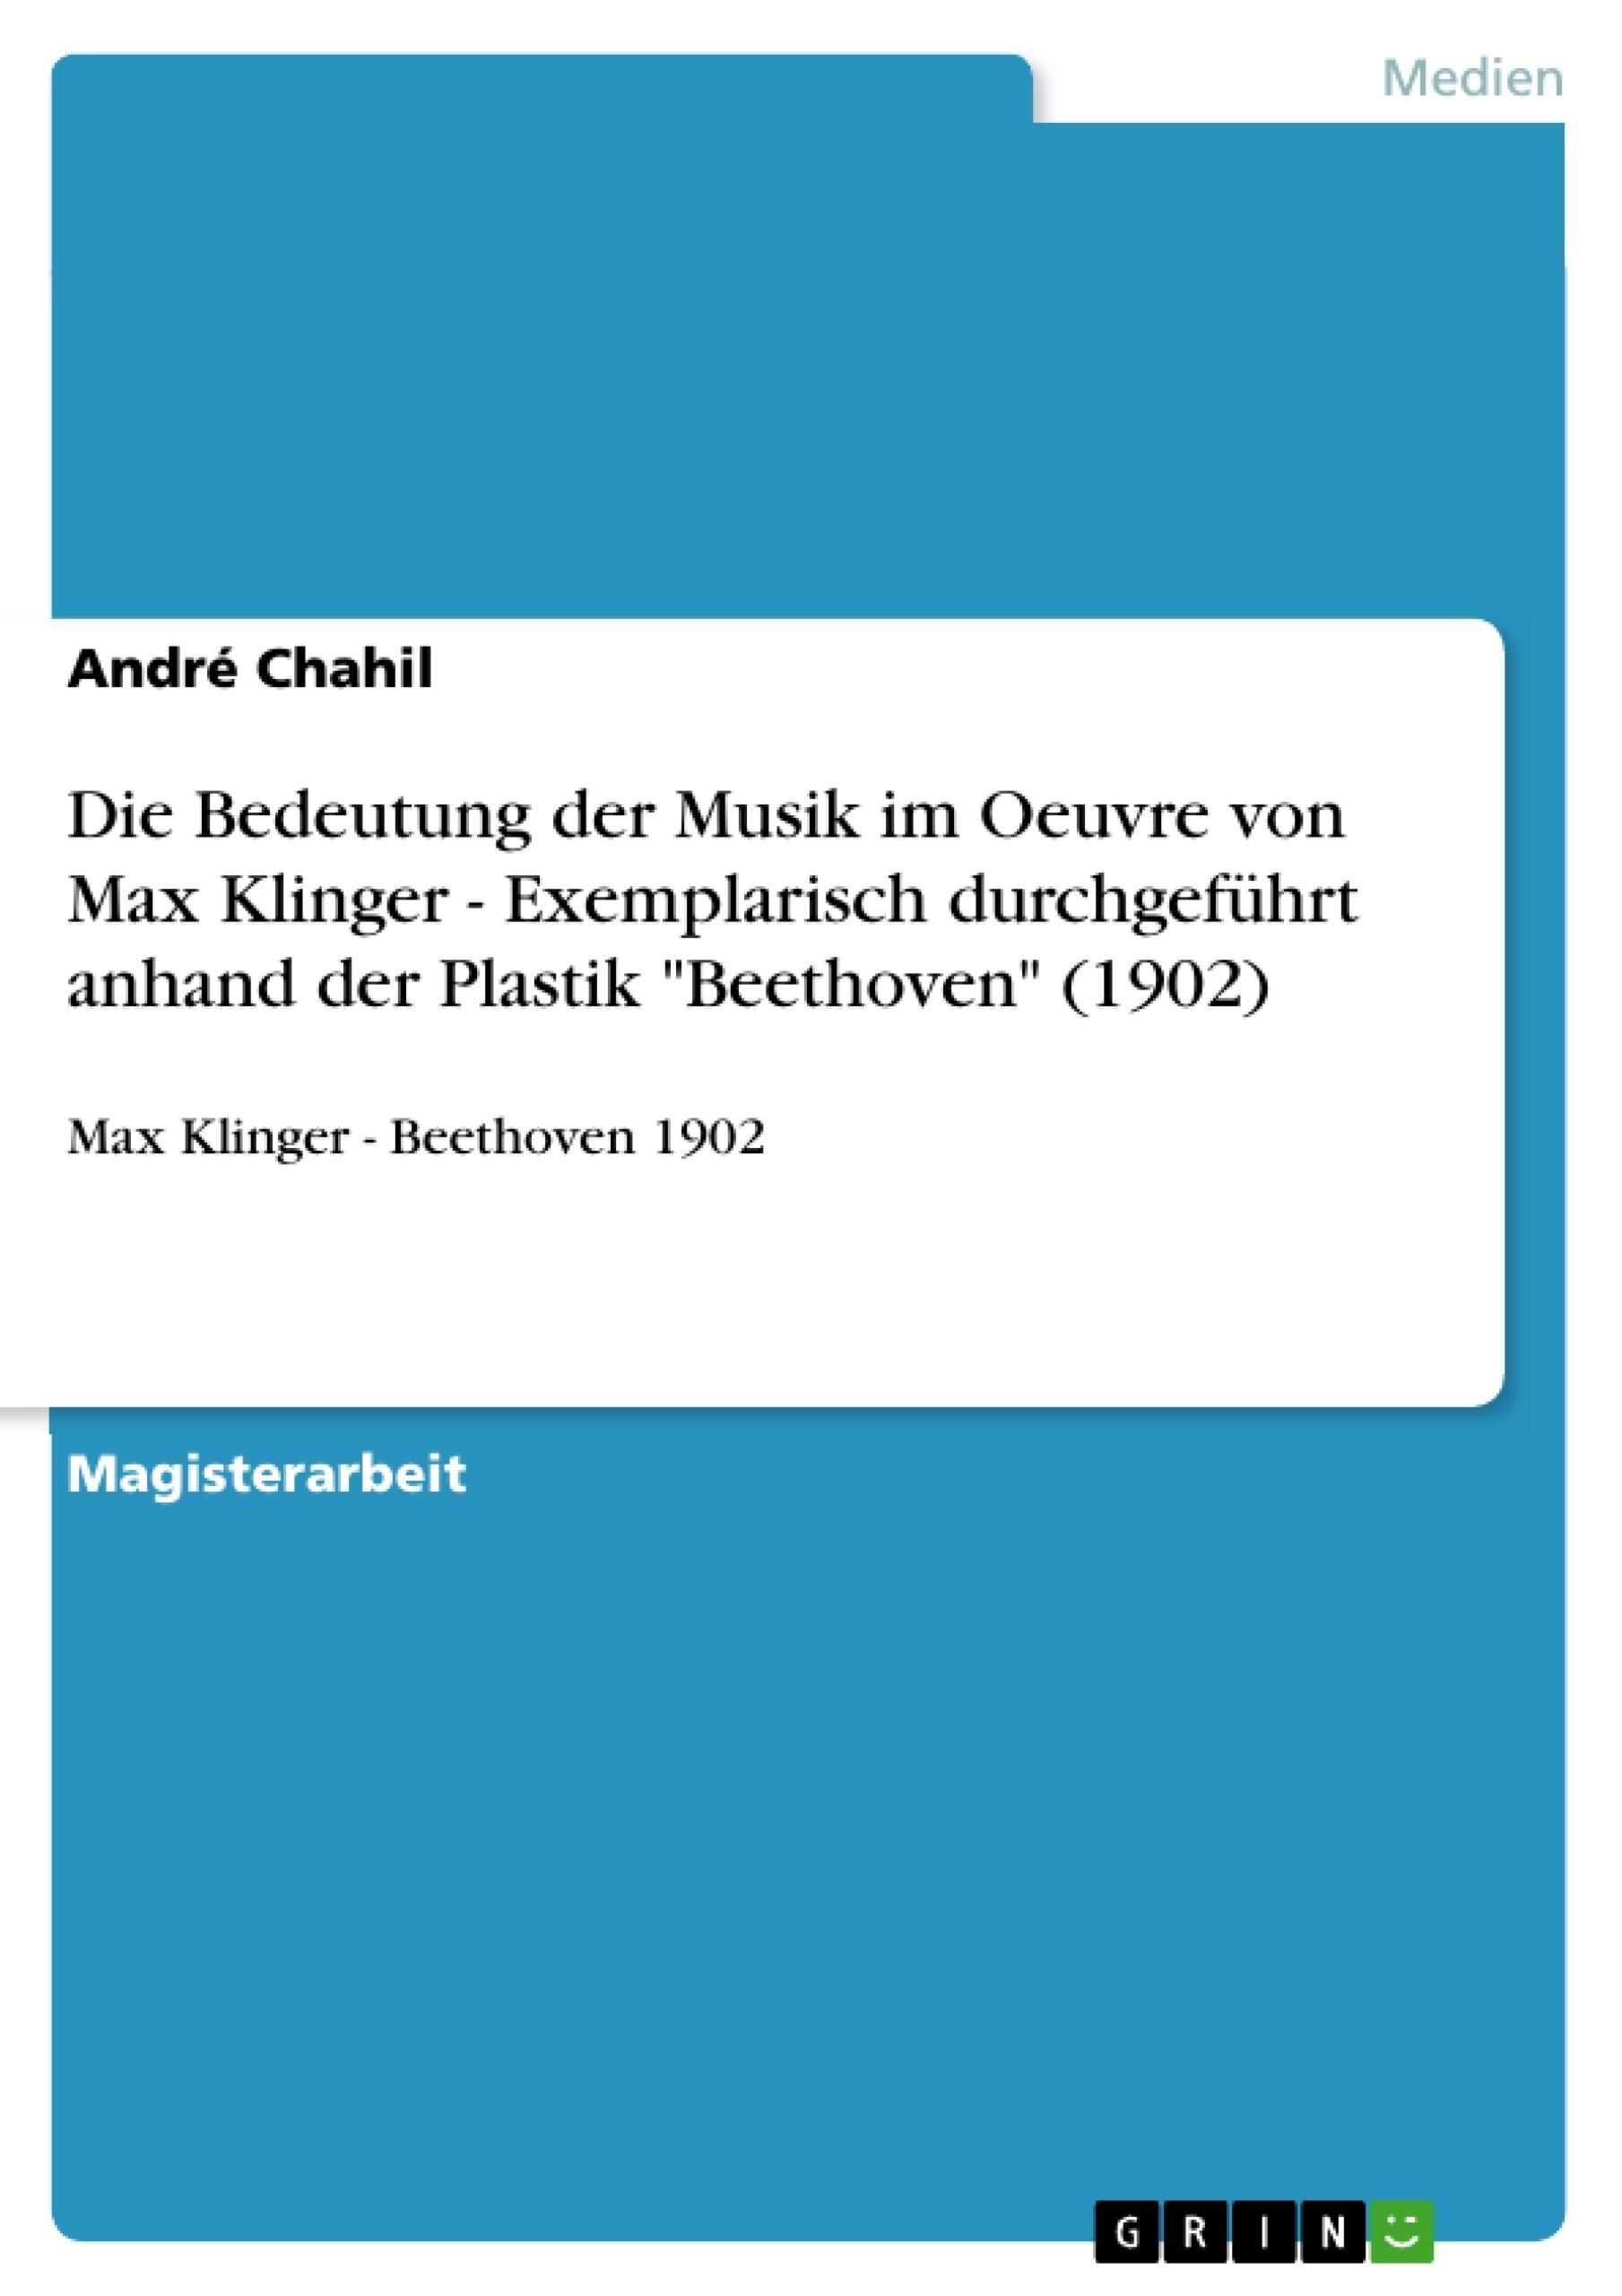 """Titel: Die Bedeutung der Musik im Oeuvre von Max Klinger - Exemplarisch durchgeführt anhand der Plastik """"Beethoven"""" (1902)"""